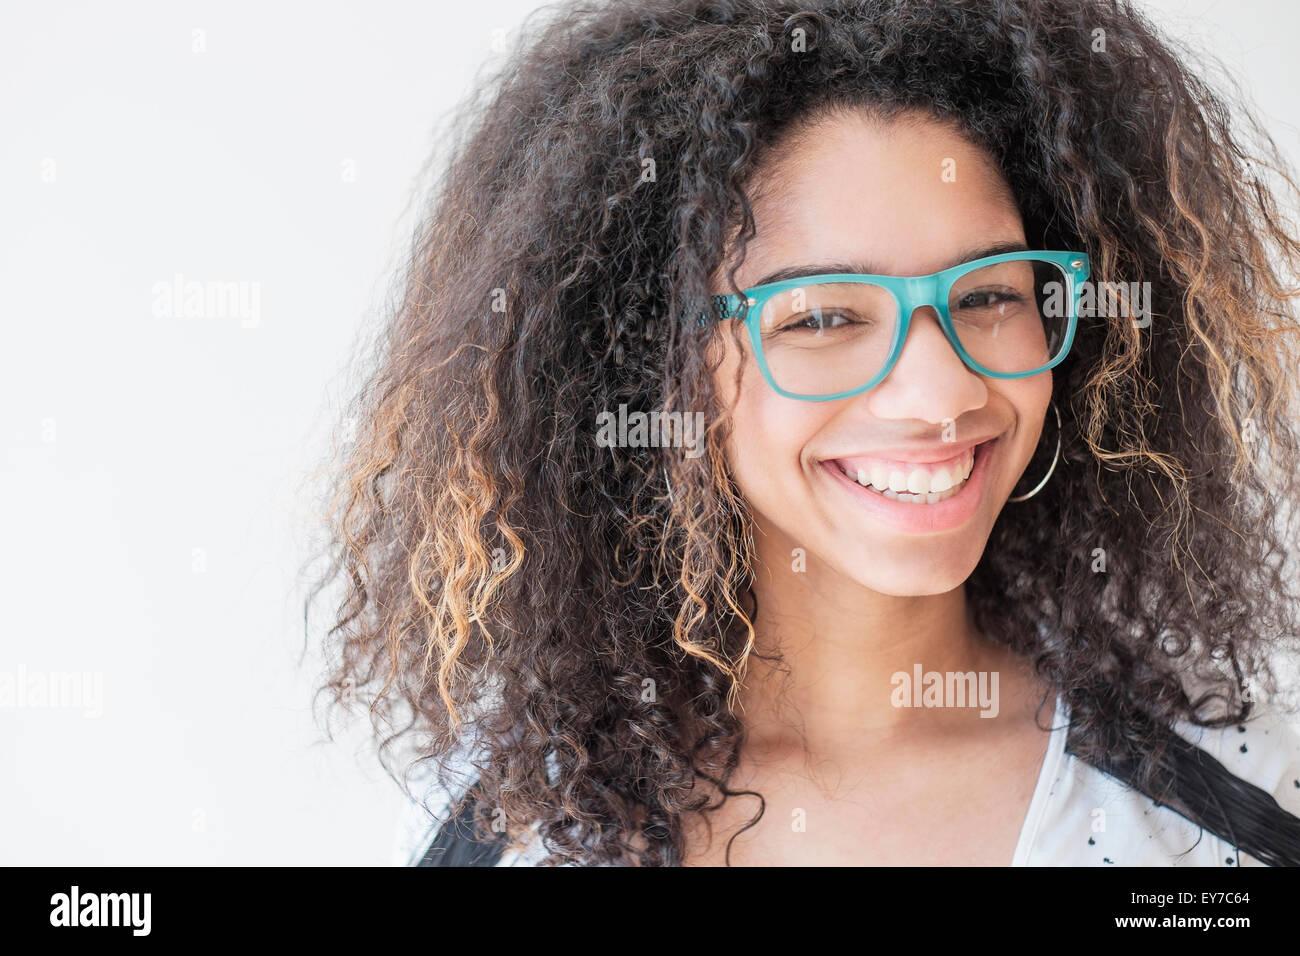 Portrait of teenage girl (16-17) wearing eyeglasses - Stock Image